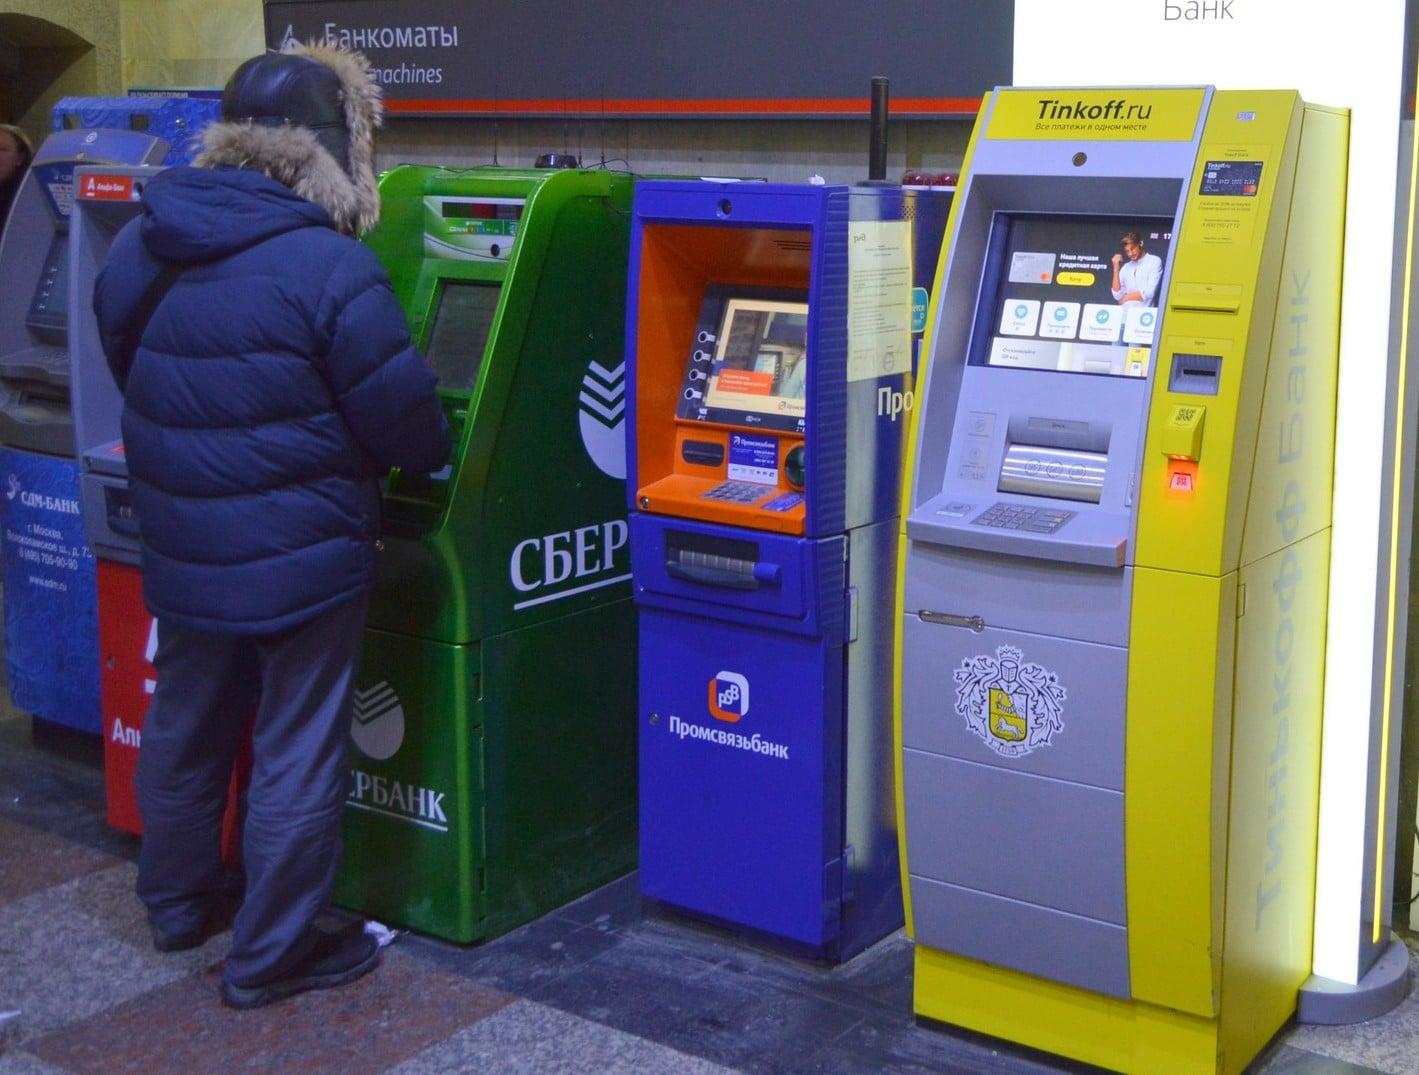 Центробанк считает, что банкоматы с функцией приема наличных могут быть опасны